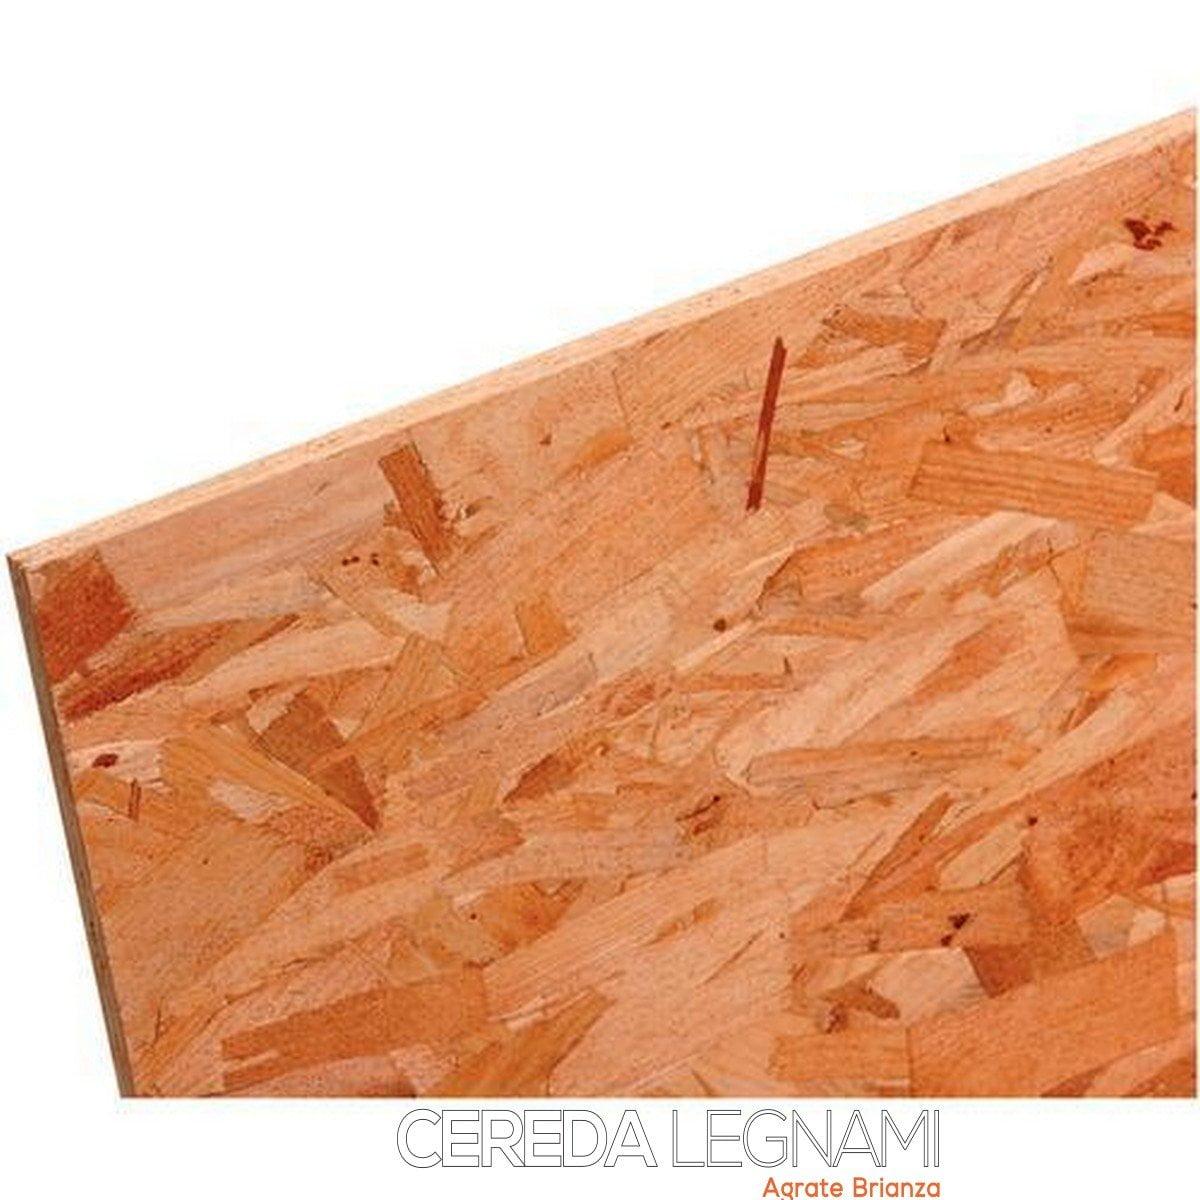 Pannello legno economico cereda legnami agrate brianza for Economici rivestimenti in legno